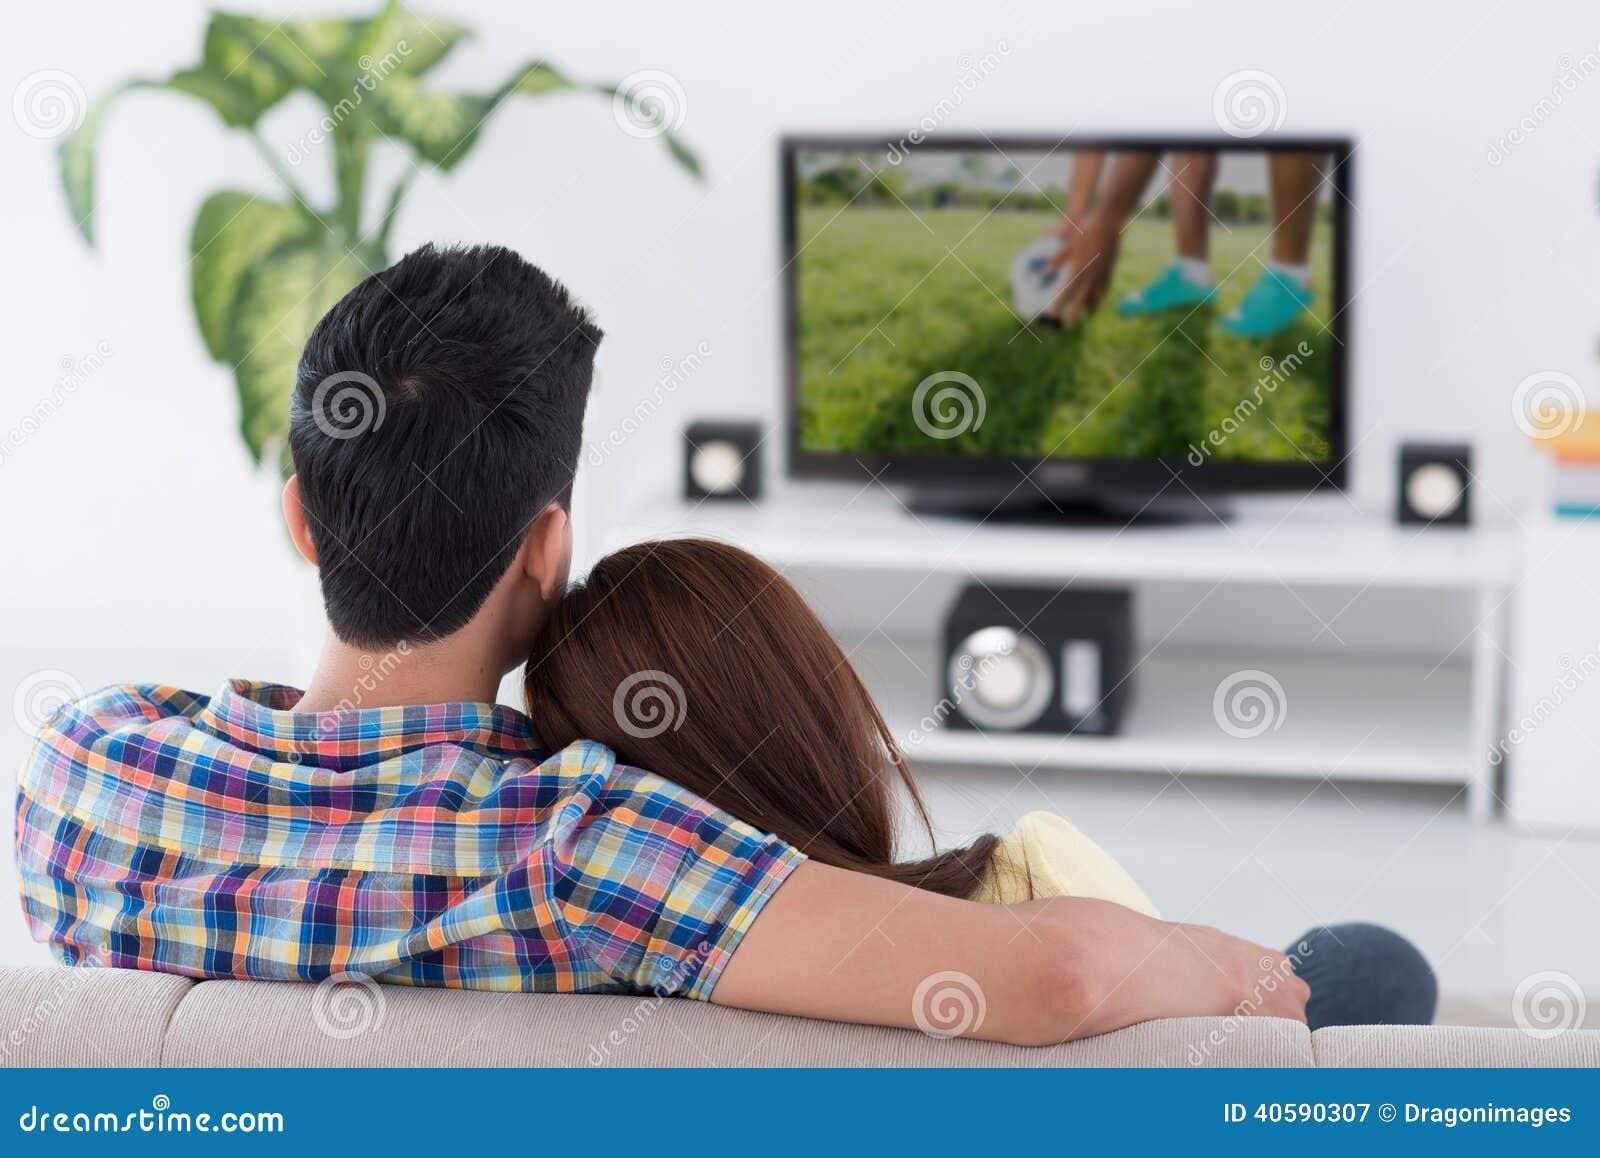 Игра на ТВ